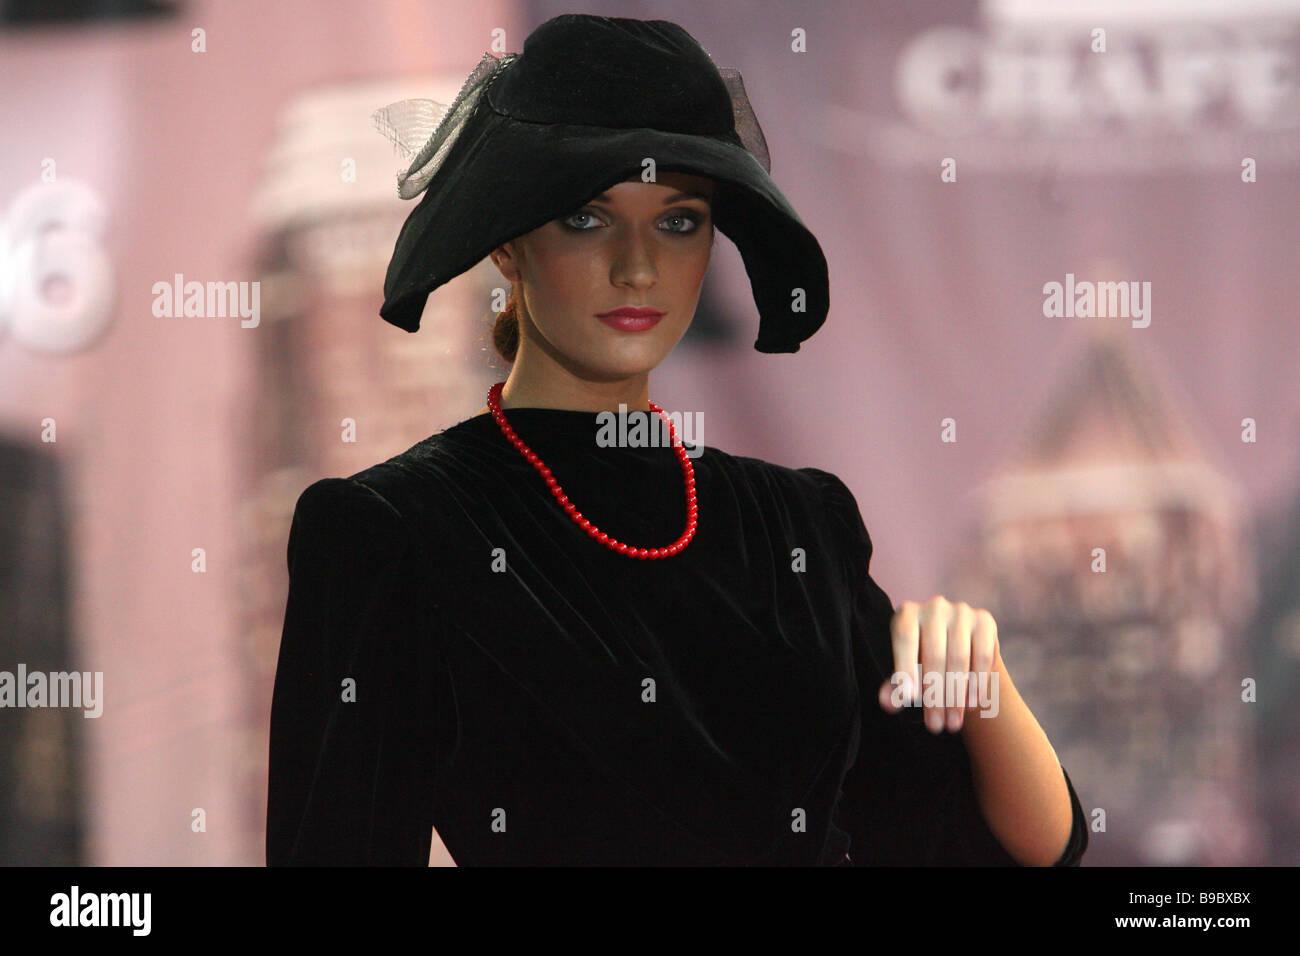 Chapeau Bola en Gostiny dentro de la 6ª Exposición internacional especializada de sombrerería materiales primarios Foto de stock